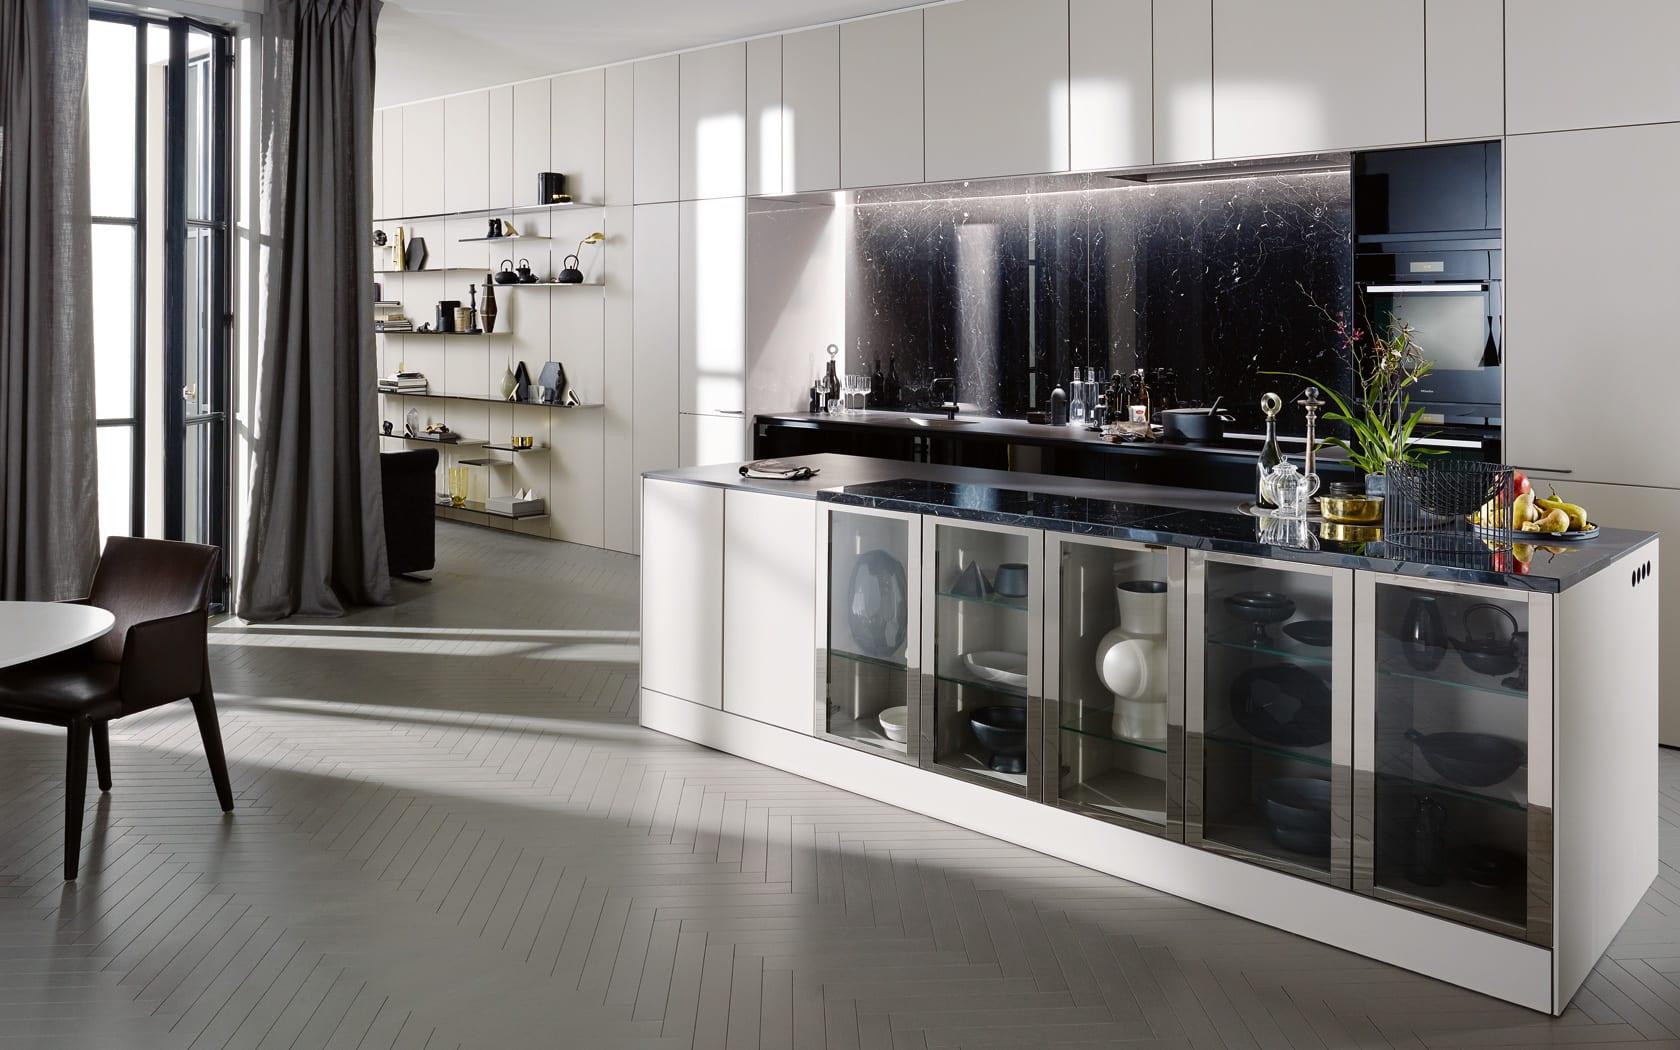 einbauküche mit kochinsel und Wandregalen in weiß